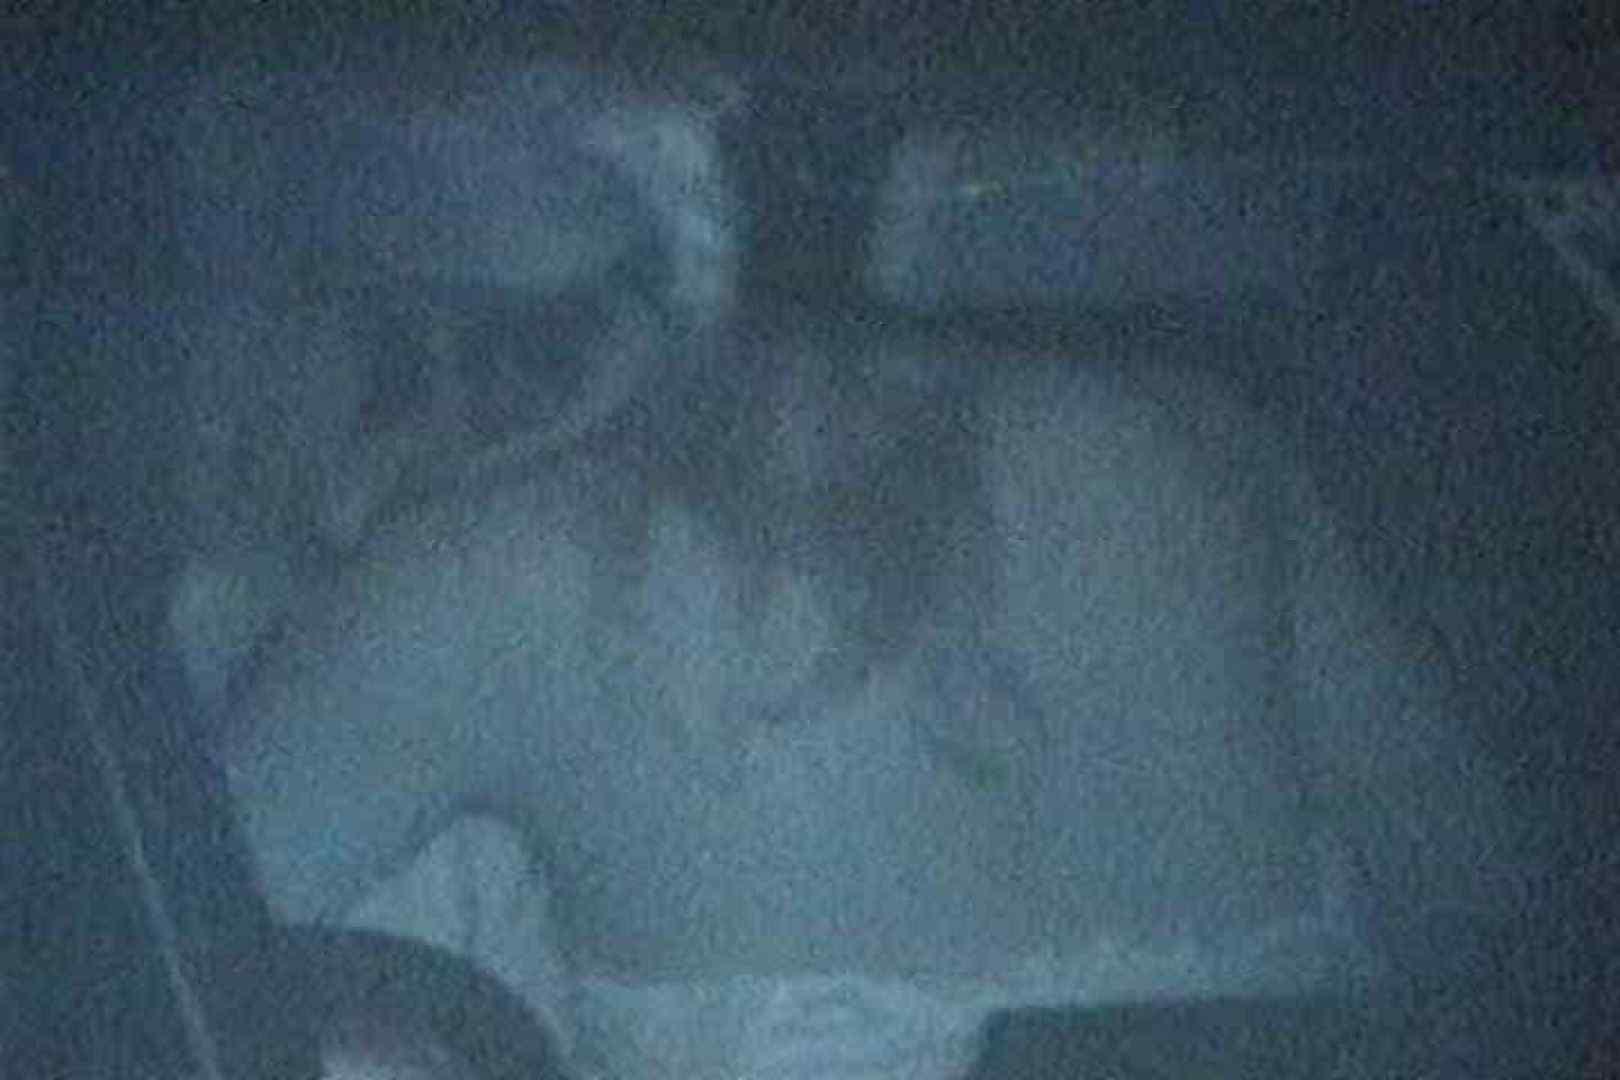 充血監督の深夜の運動会Vol.146 カップル盗撮  62画像 36